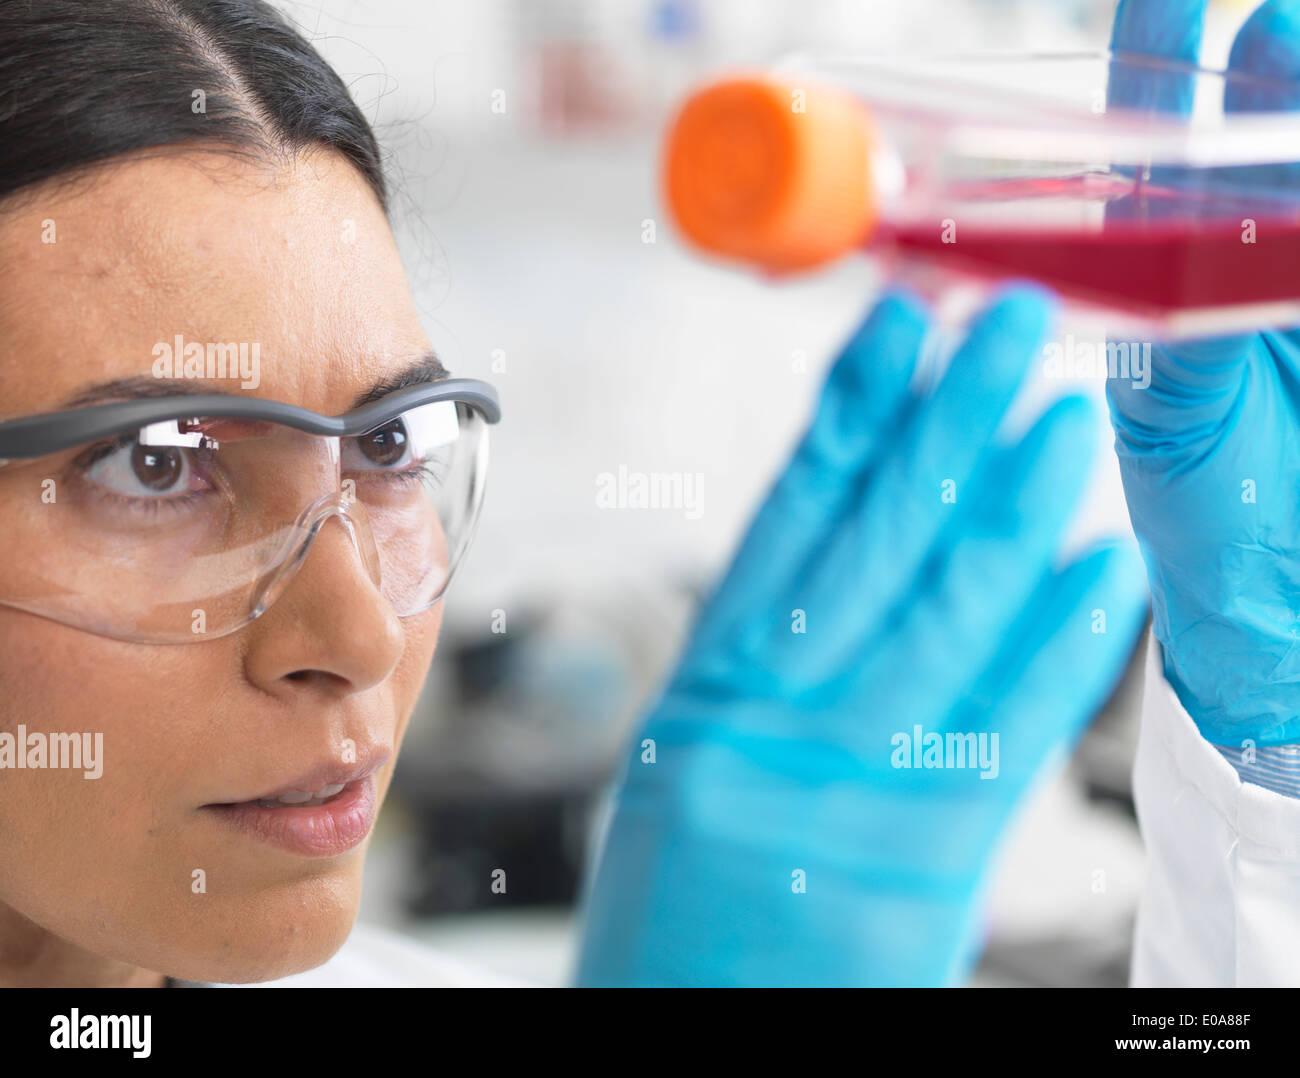 Chiusura del biologo cella tenendo un pallone contenente cellule staminali, coltivato in rosso medium di crescita, per studiare la malattia Immagini Stock